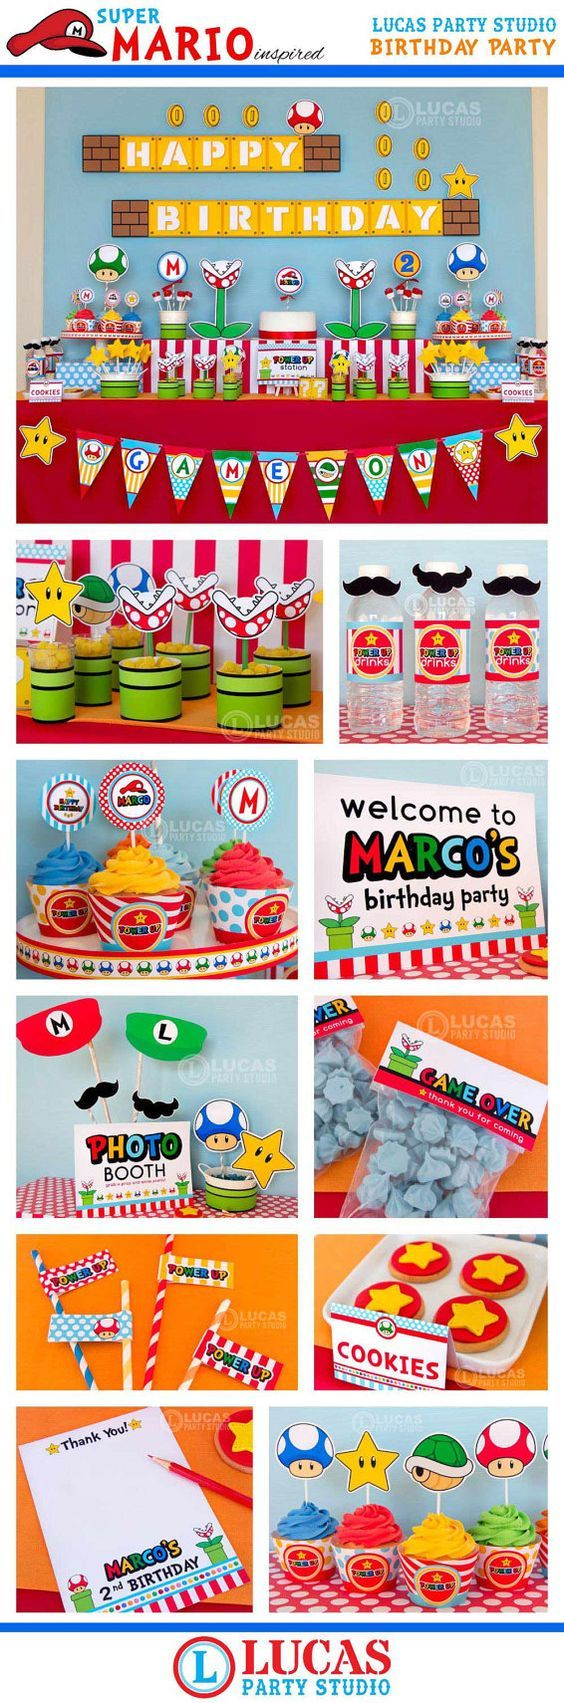 Super Mario Inspired Birthday Party DIY by LucasPartyStudio: